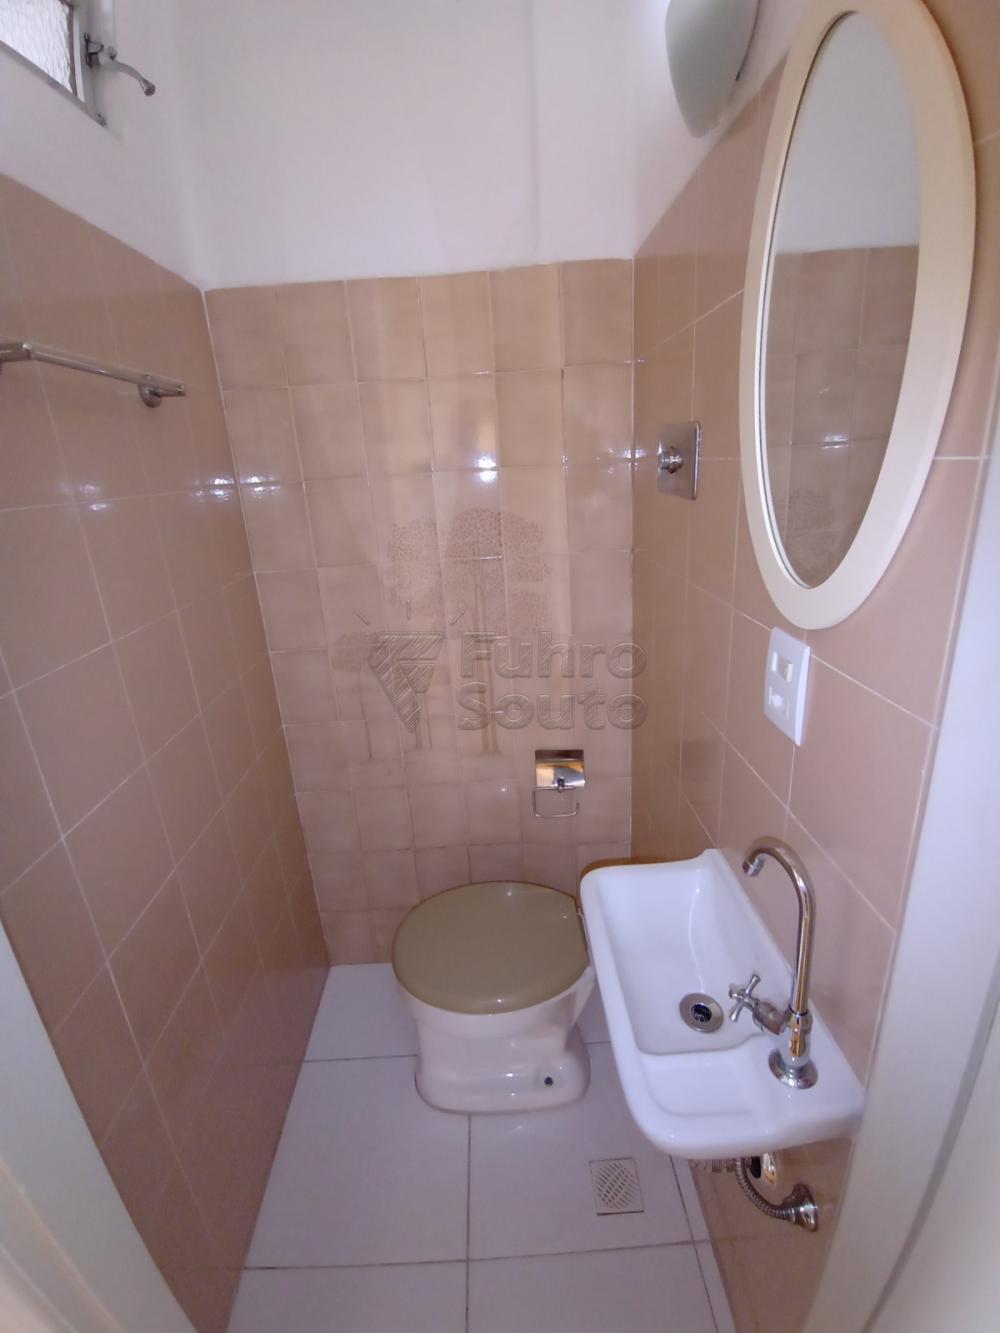 Comprar Apartamento / Padrão em Pelotas R$ 380.000,00 - Foto 7